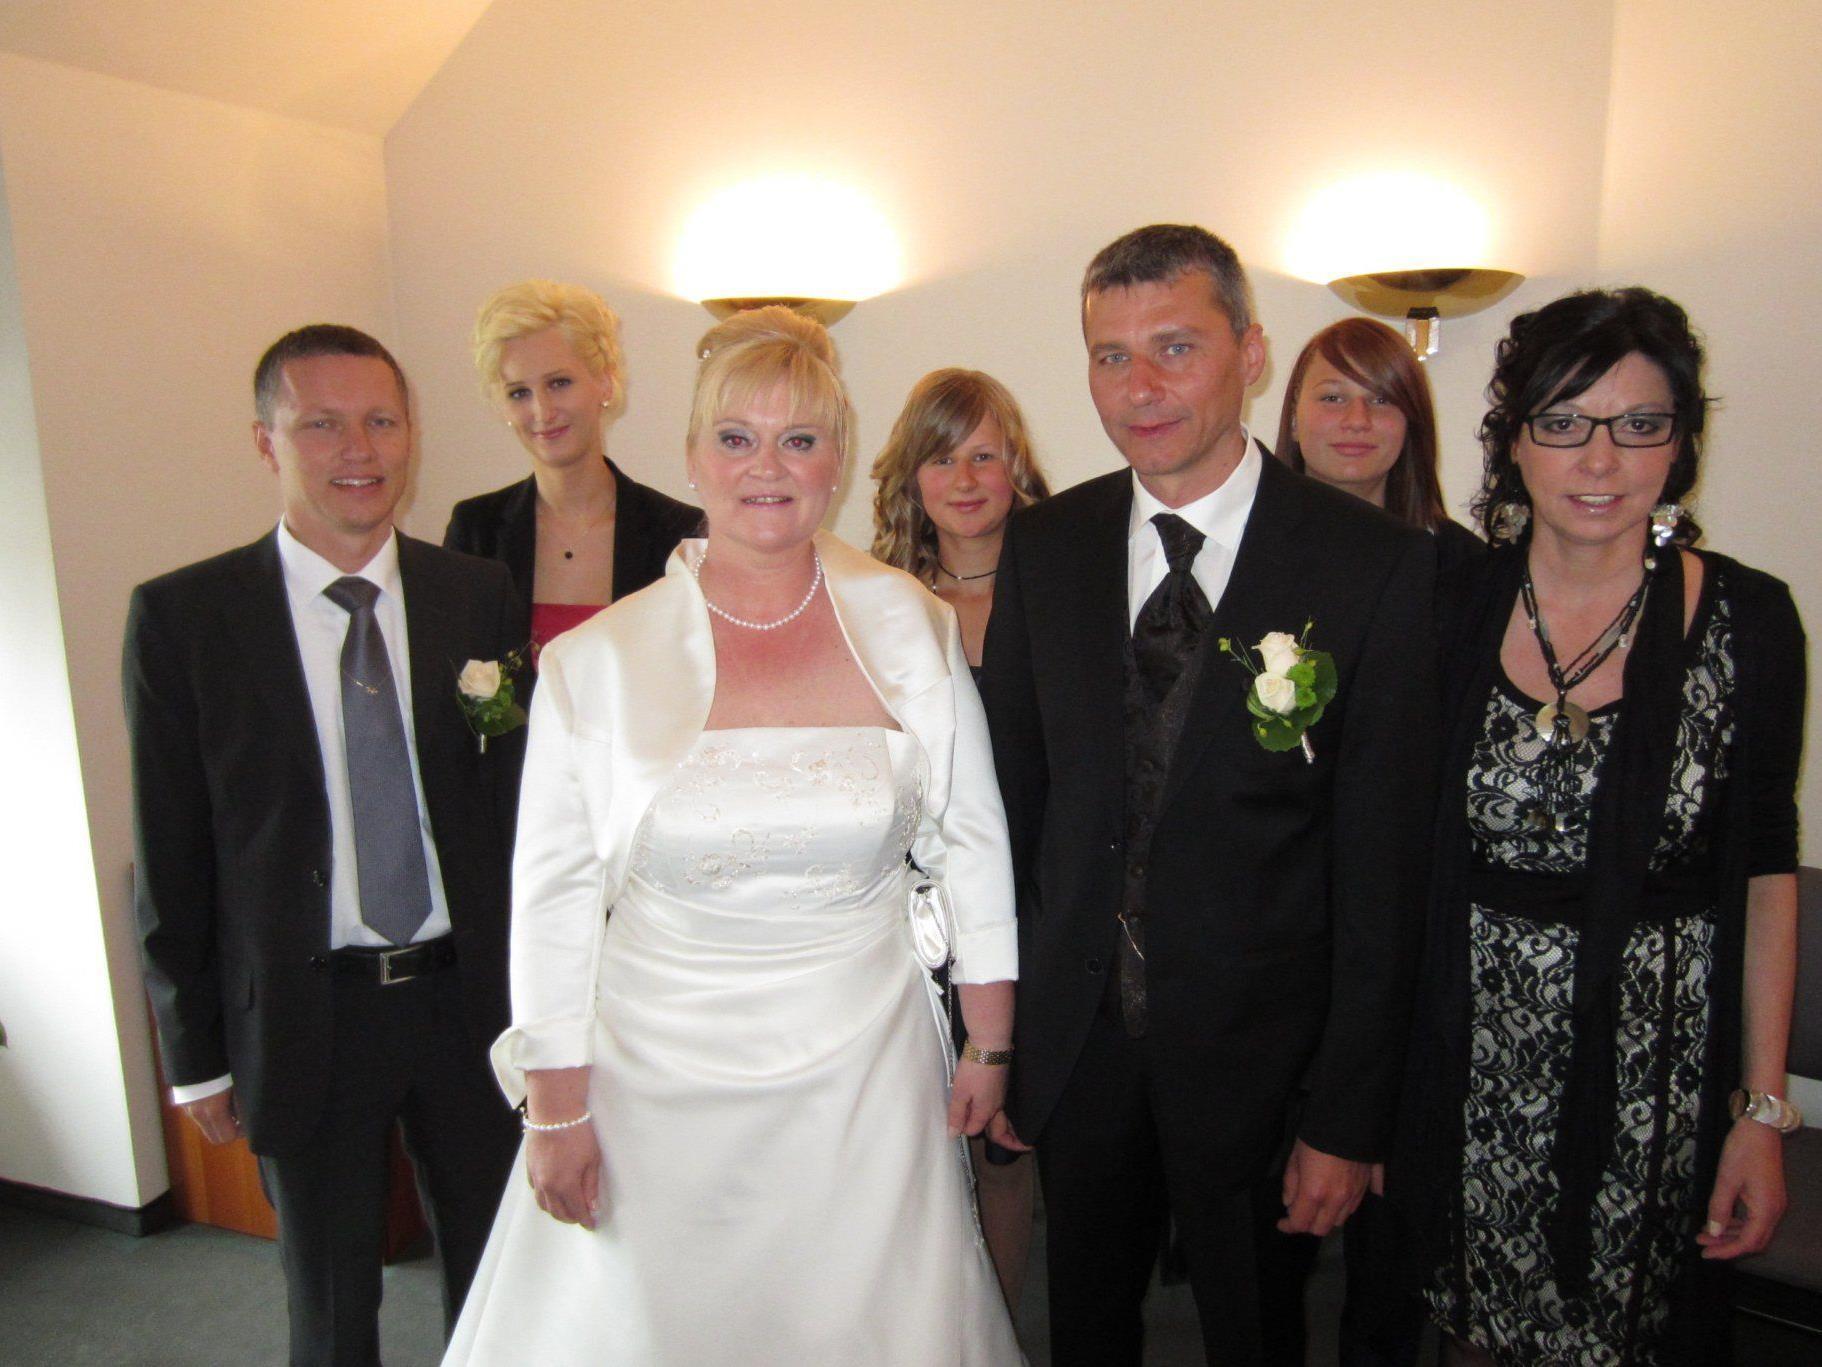 Magdalena Rinderer und Herbert Kohler haben geheiratet.